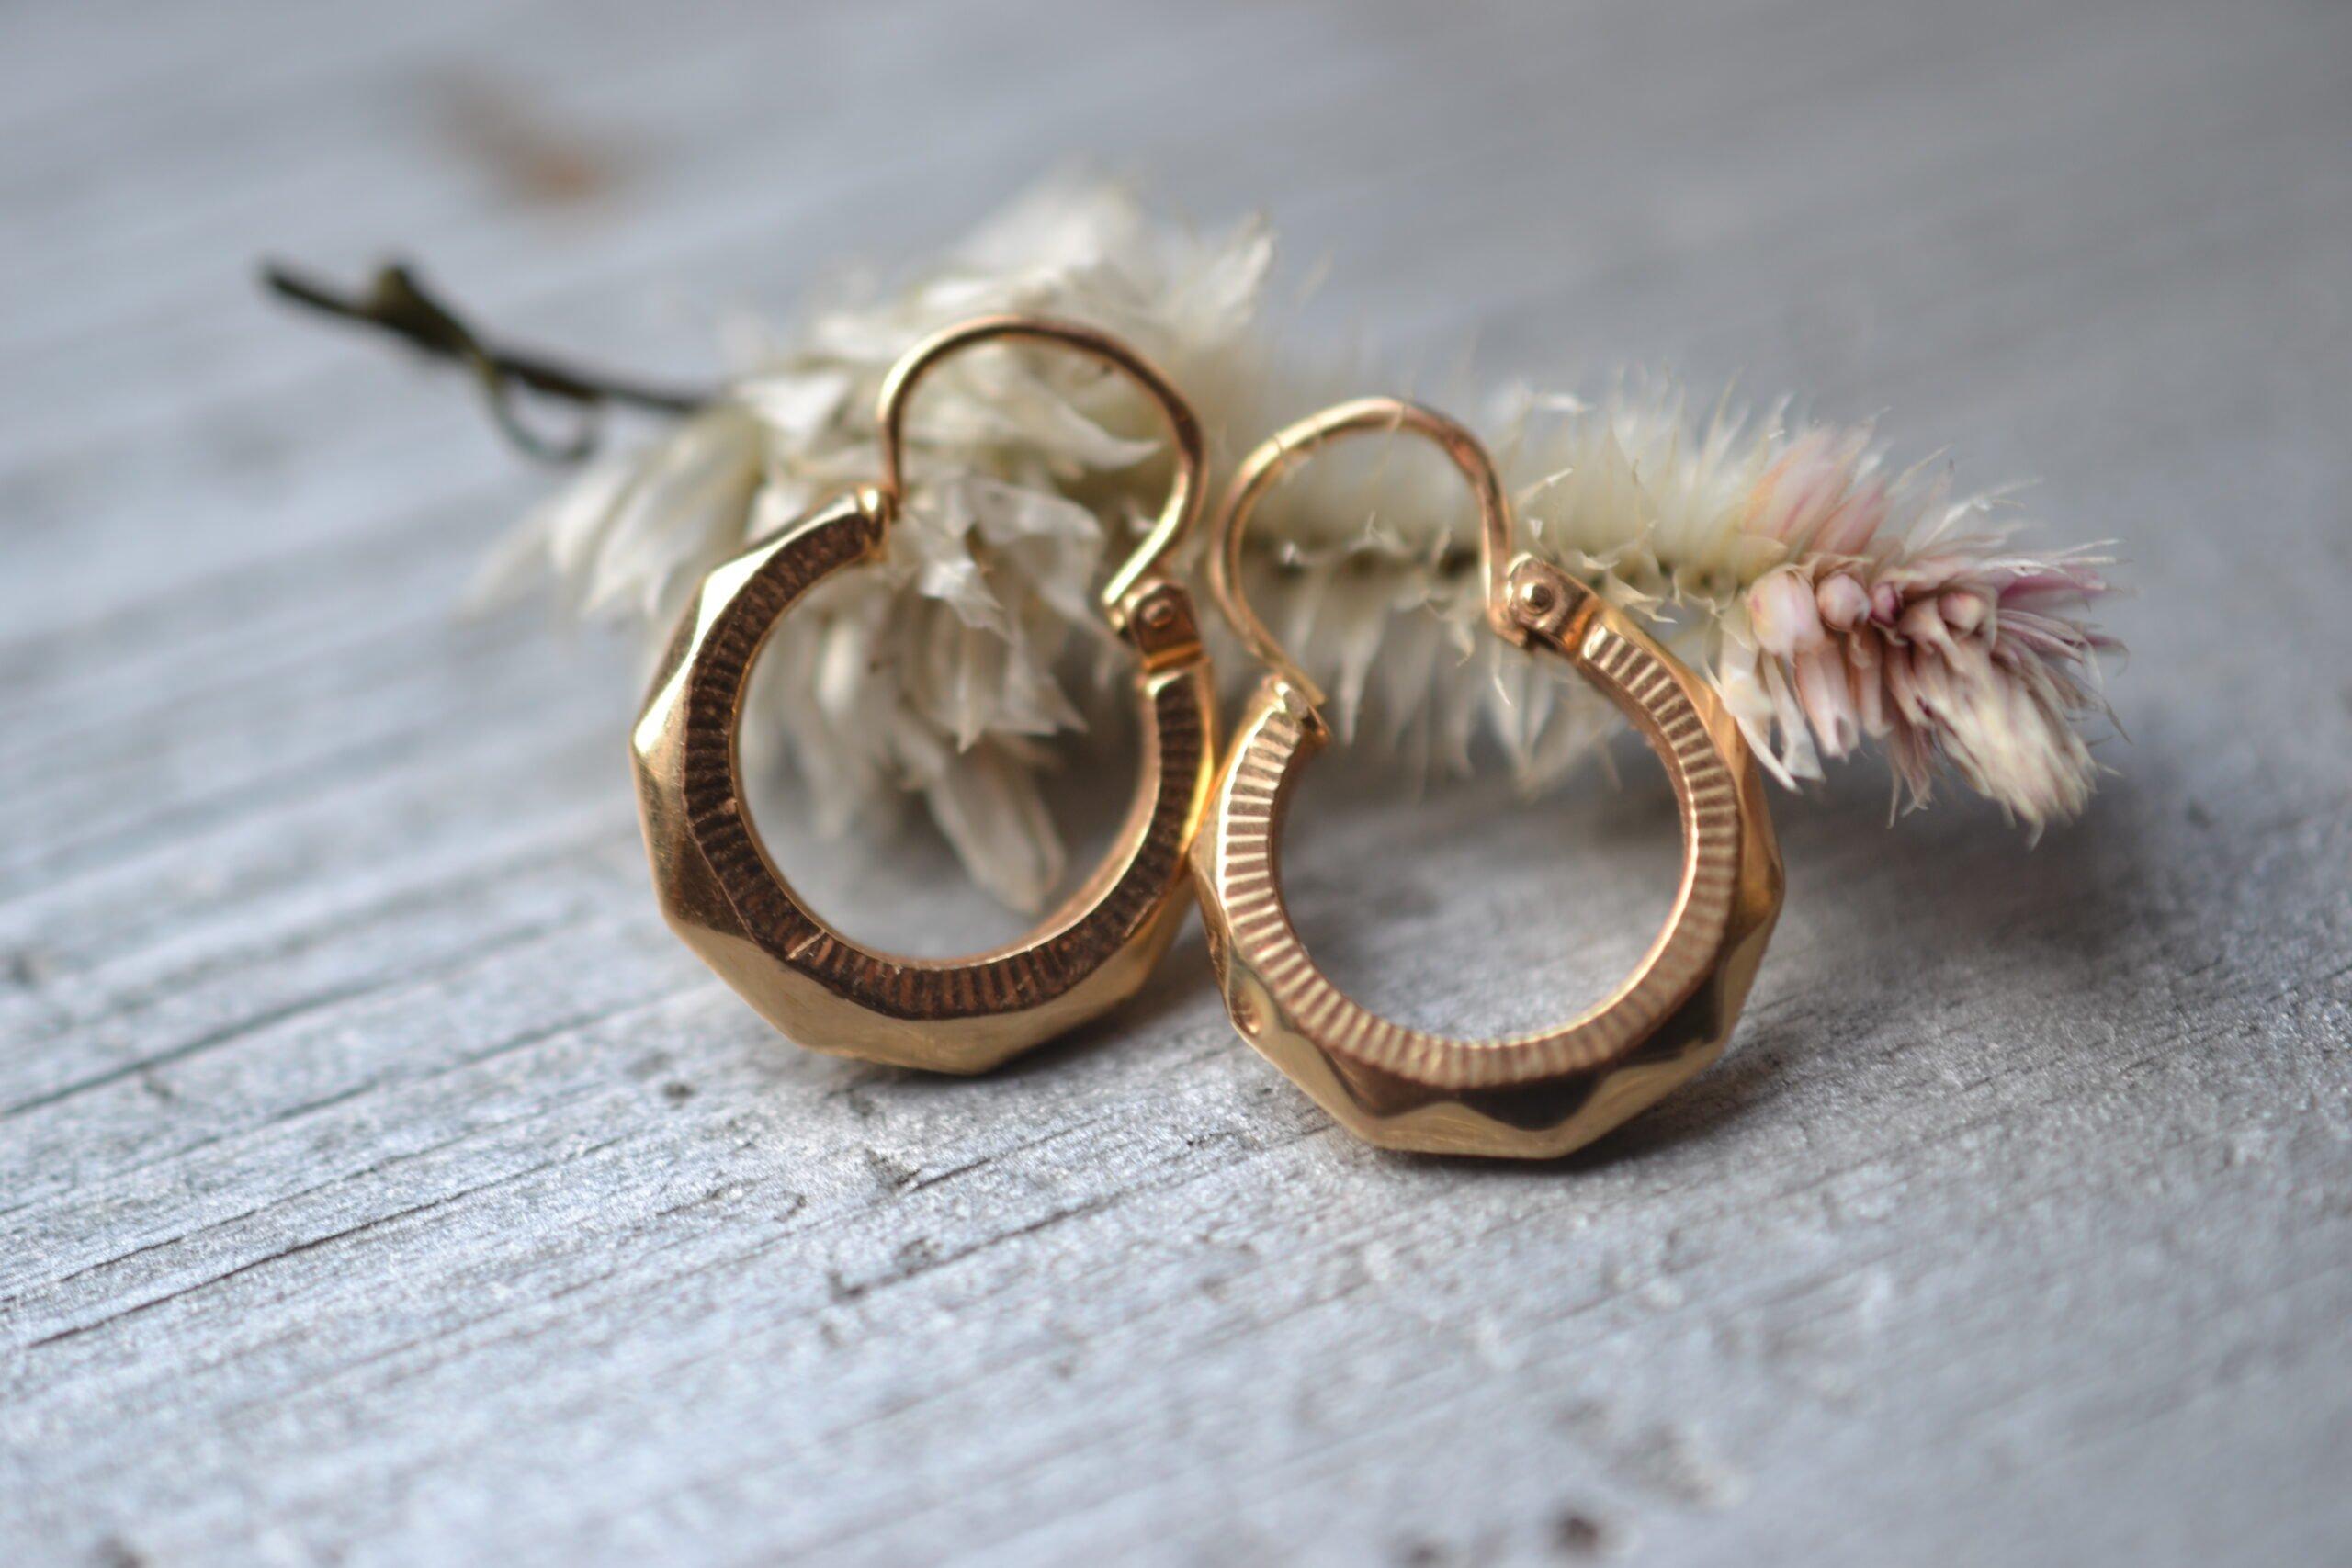 boucles d'oreilles - créoles vintage en Or 18 carats - un bijou ancien noircarat.fr